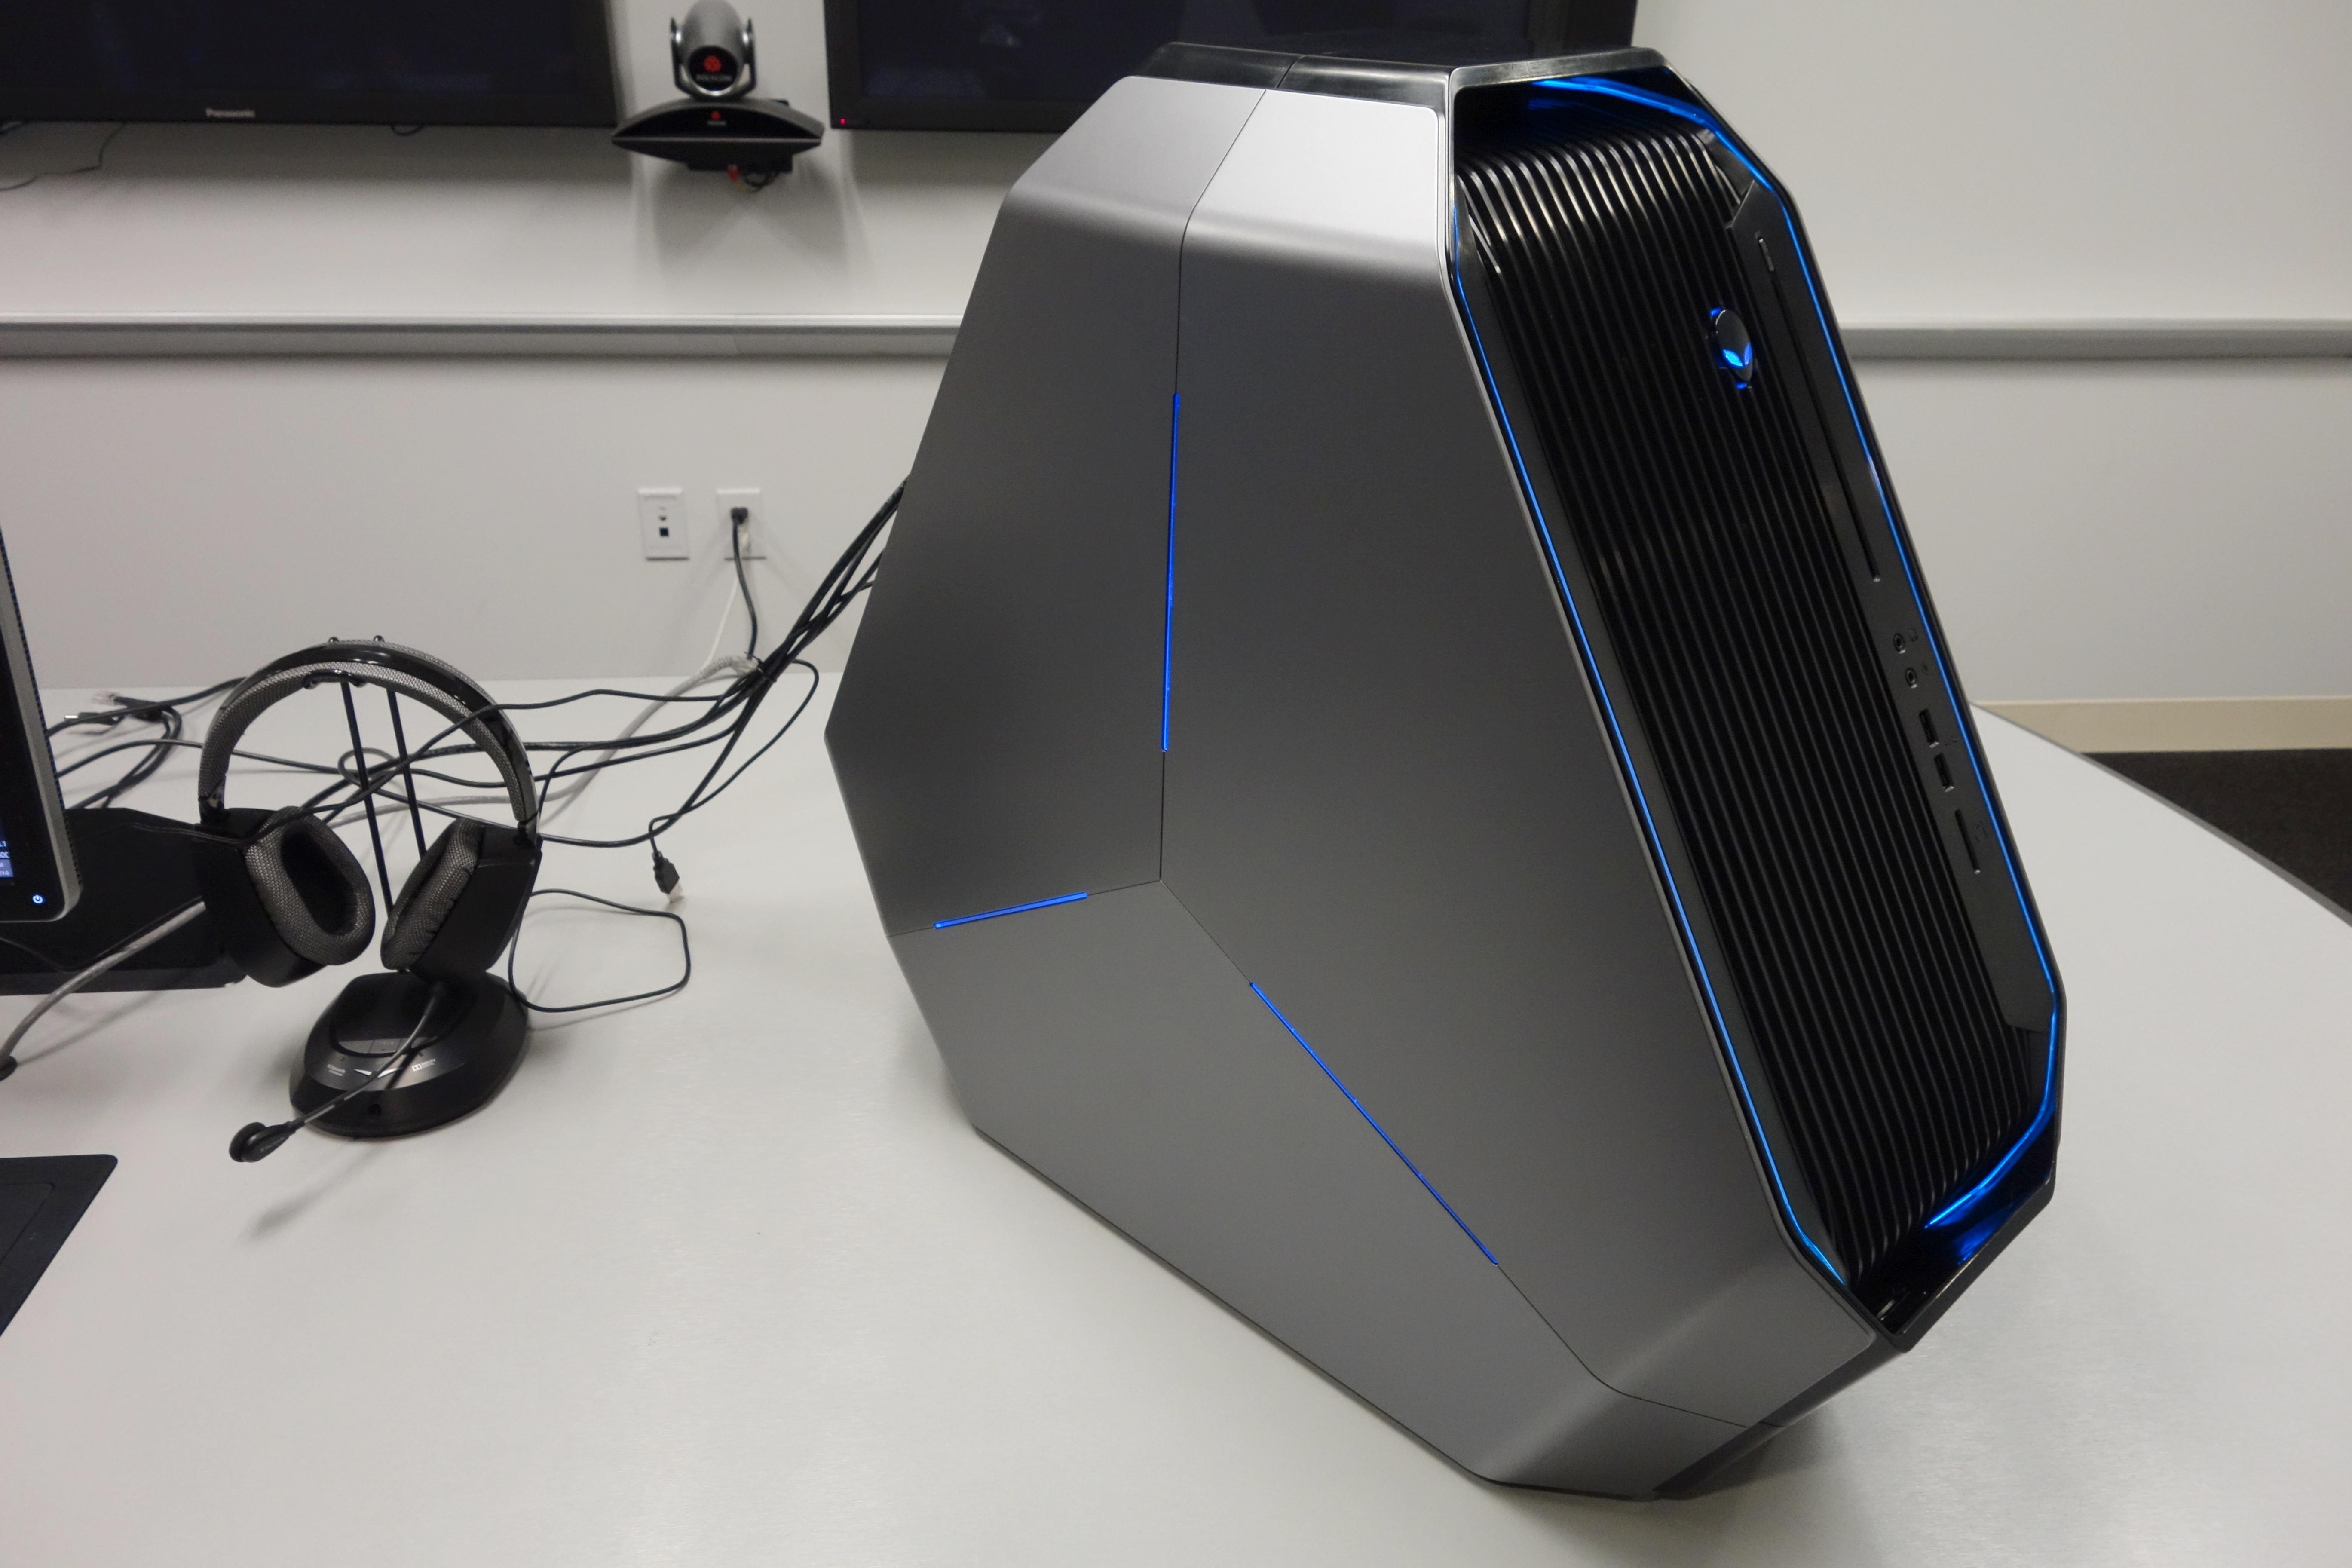 Osebni računalnik Alienware Area-51 (2014) trikotne oblike bo zlahka prepričal tudi najzahtevnejše igričarje!